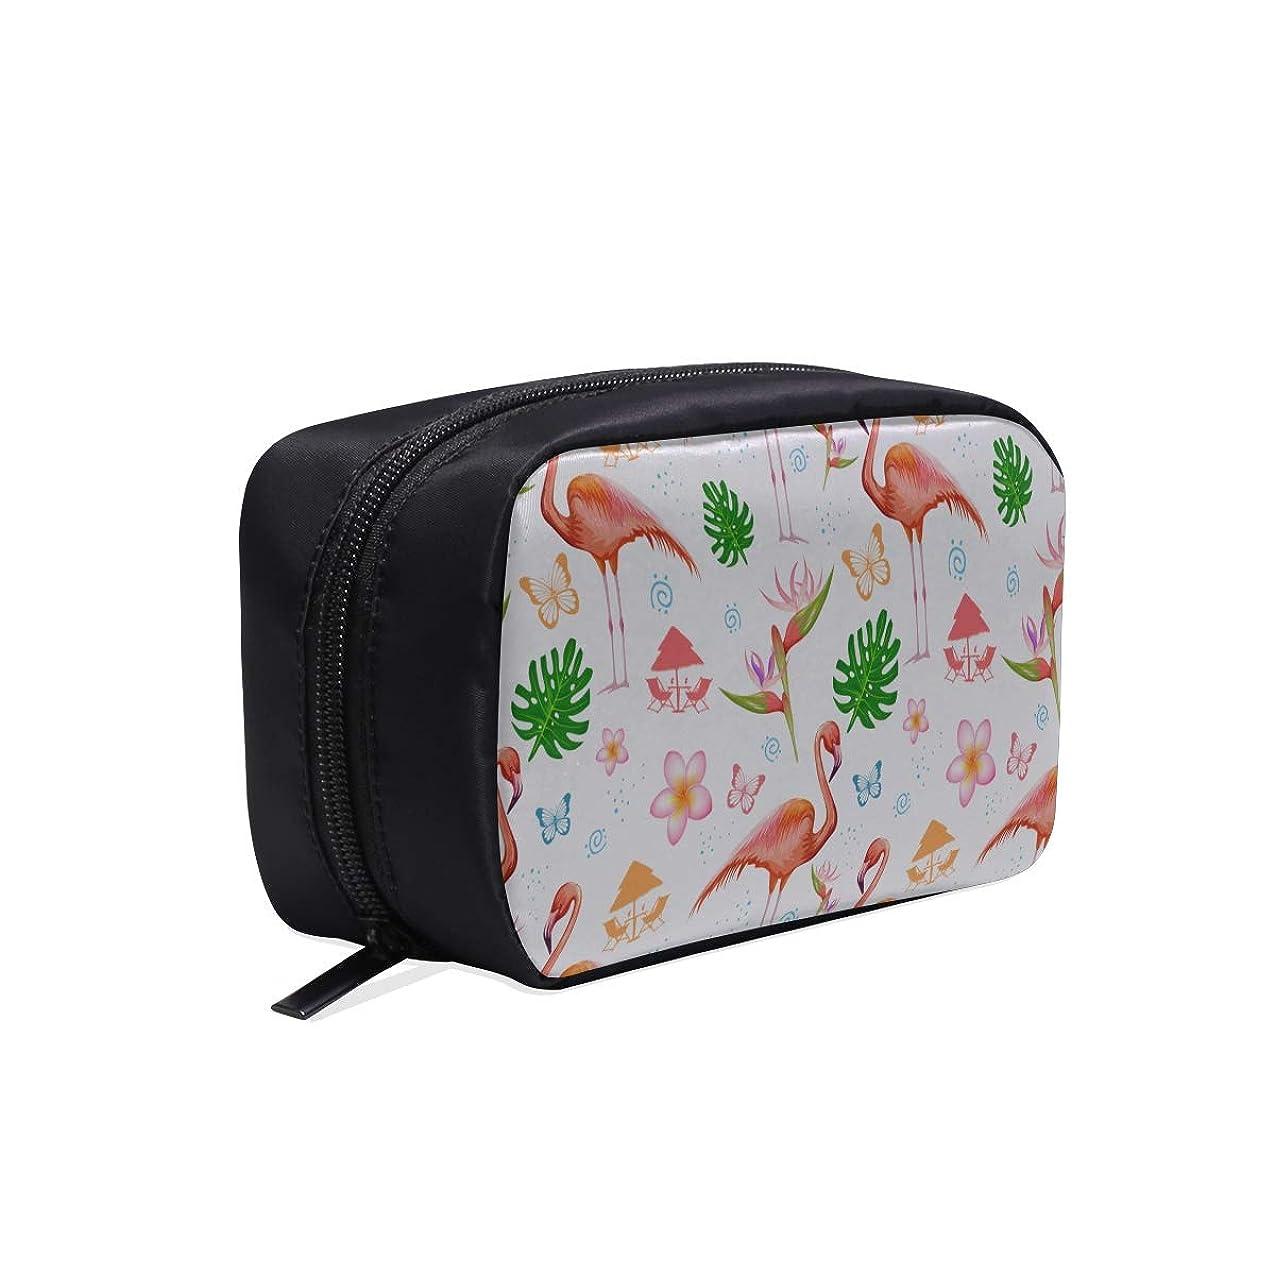 高めるマイコン聖人CWSGH メイクポーチ フラミンゴや木の葉 ボックス コスメ収納 化粧品収納ケース 大容量 収納 化粧品入れ 化粧バッグ 旅行用 メイクブラシバッグ 化粧箱 持ち運び便利 プロ用